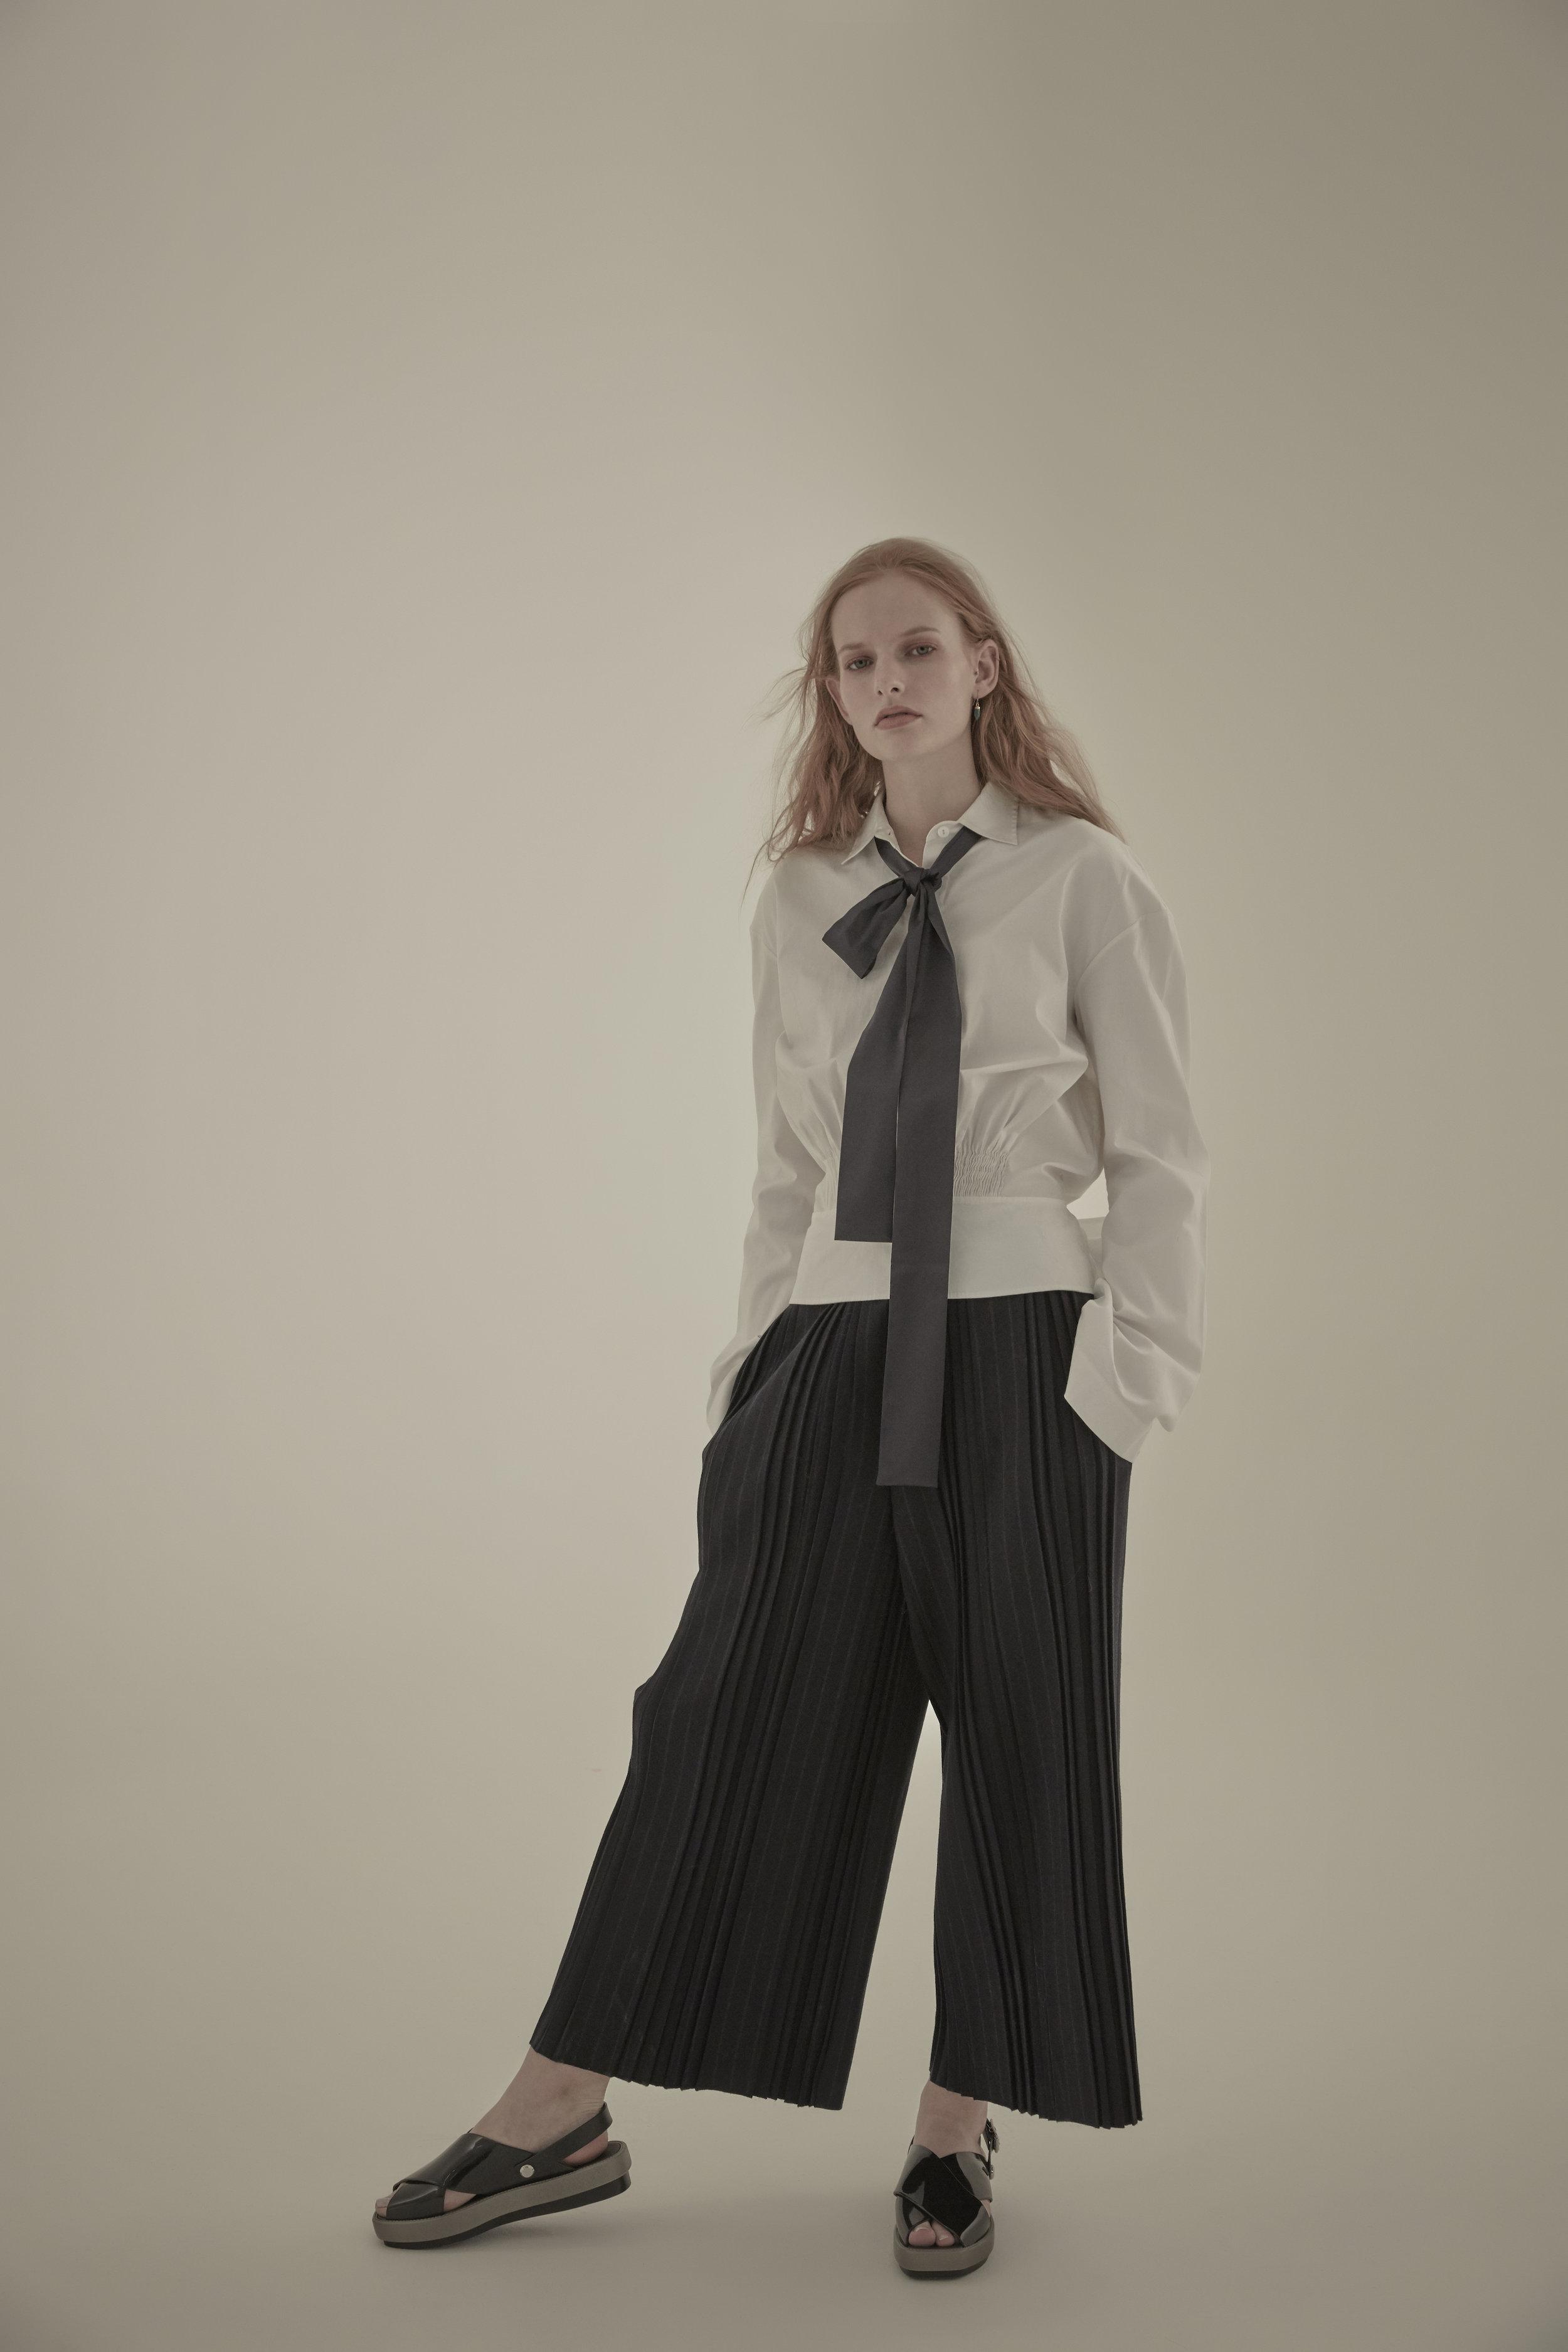 Shirt: TEIJA Trousers: PAUL&JOE SISTER Tie: JACOON Pierce: MIRABELLE Shoes: MELISSA